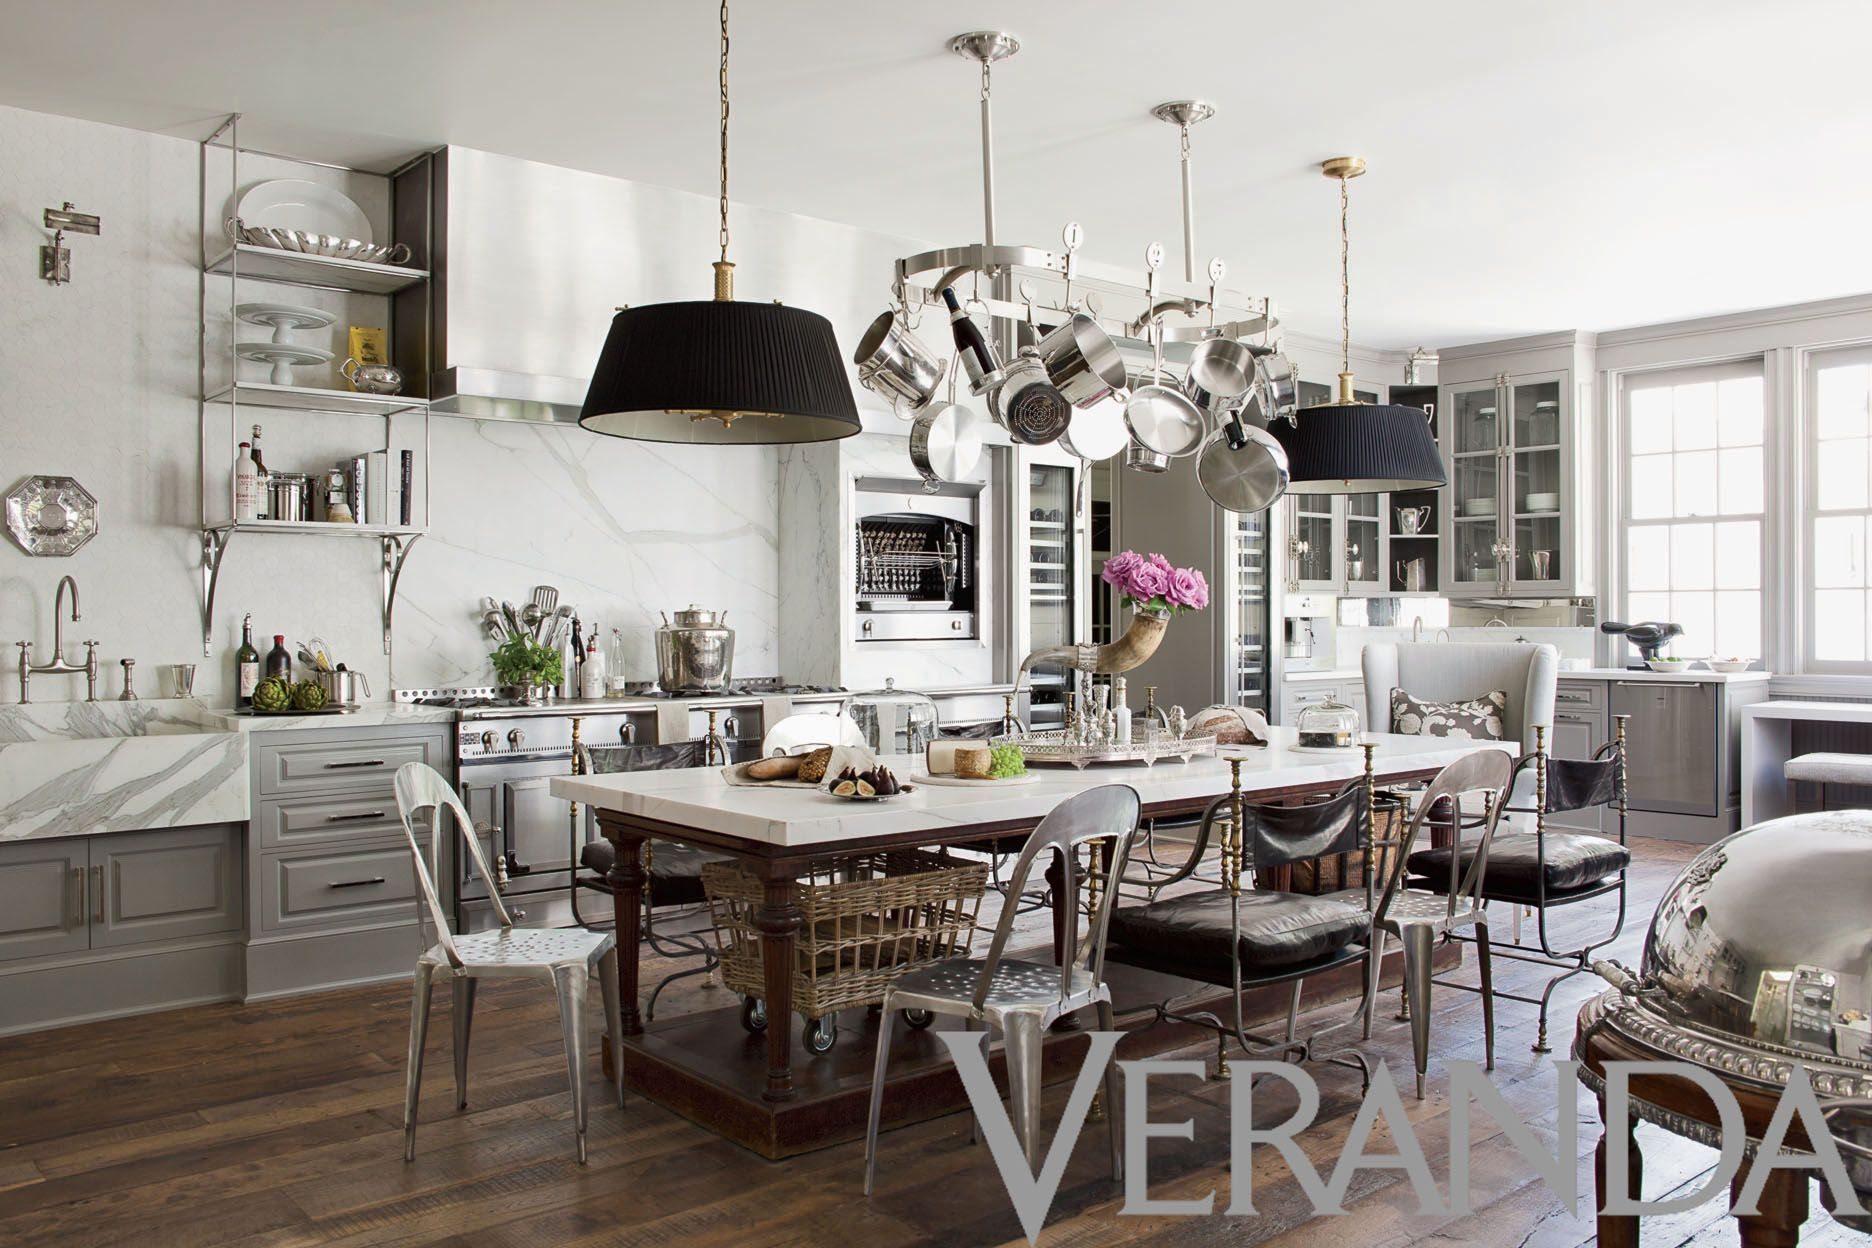 Smith Smith Kitchens: Pin By Veranda Magazine On Kitchens In Veranda